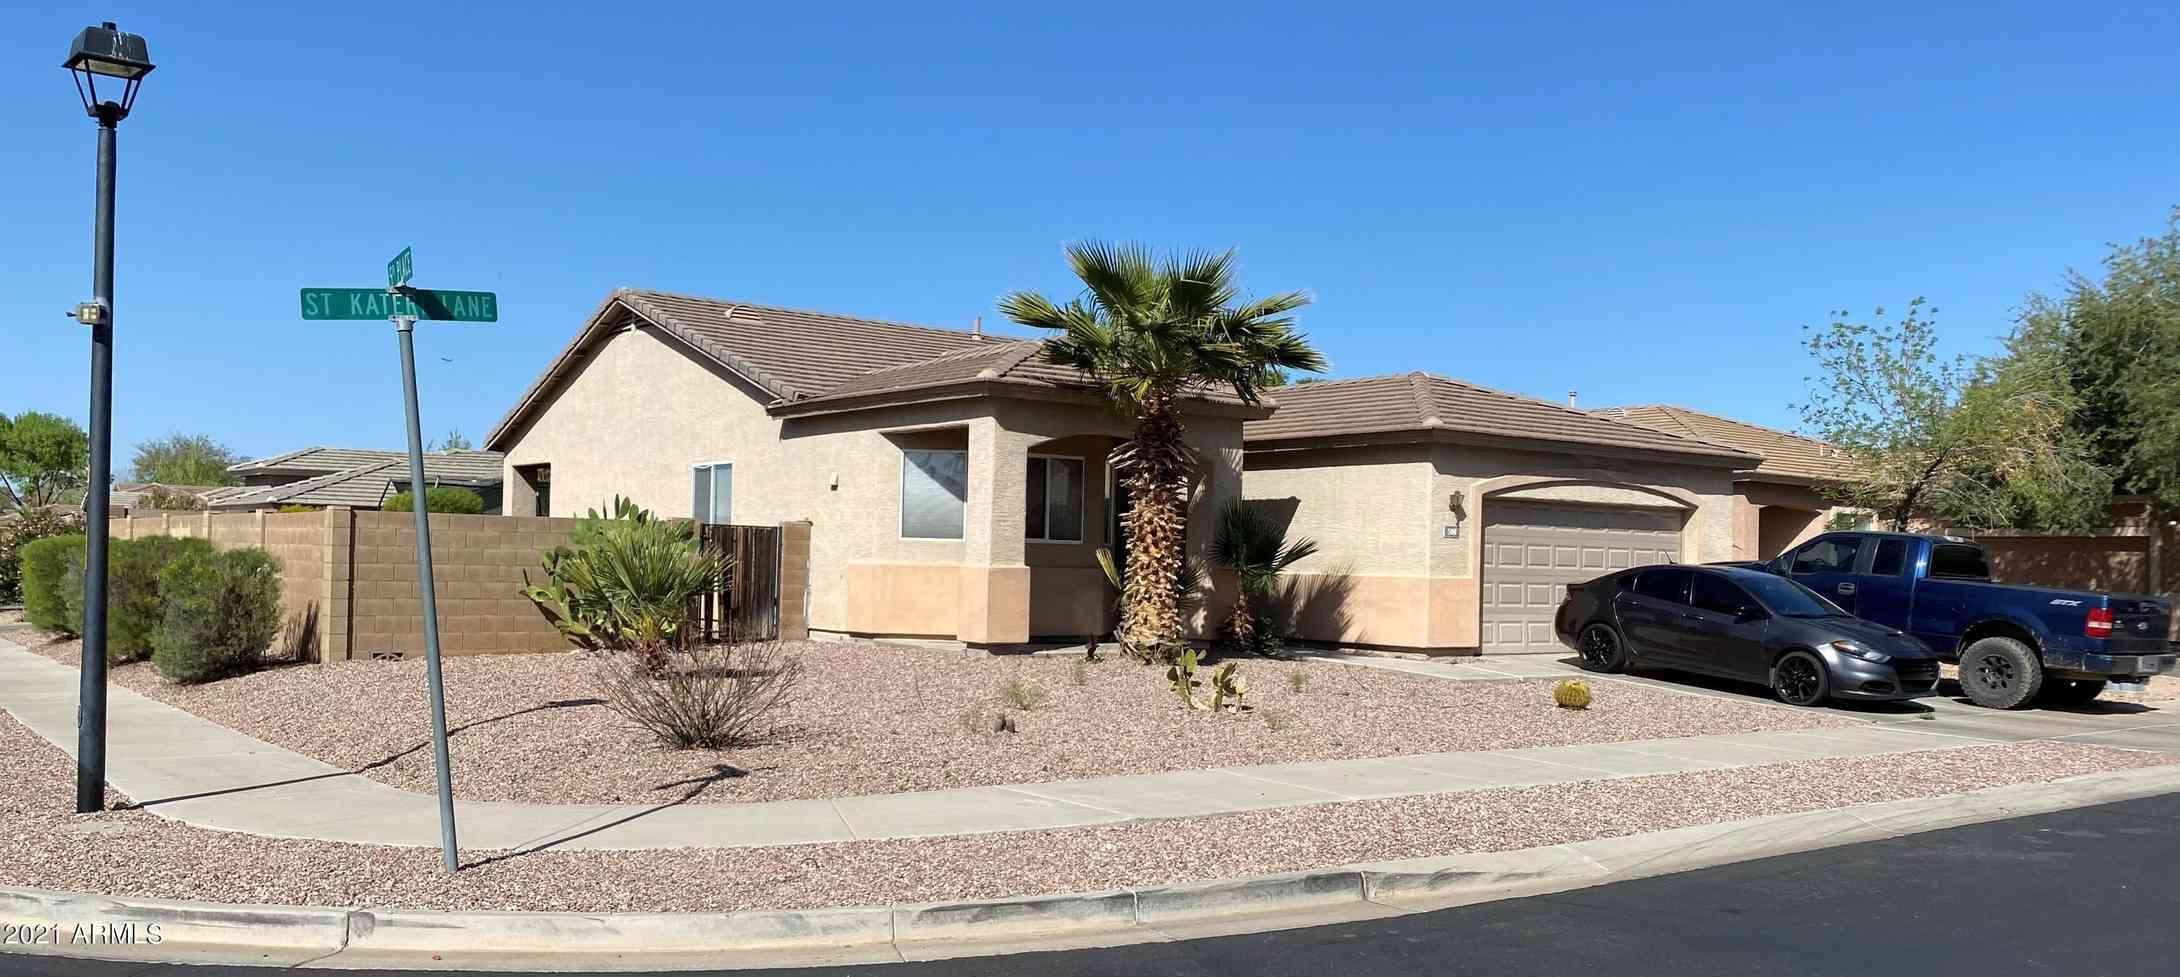 508 E SAINT KATERI Lane, Phoenix, AZ, 85042,